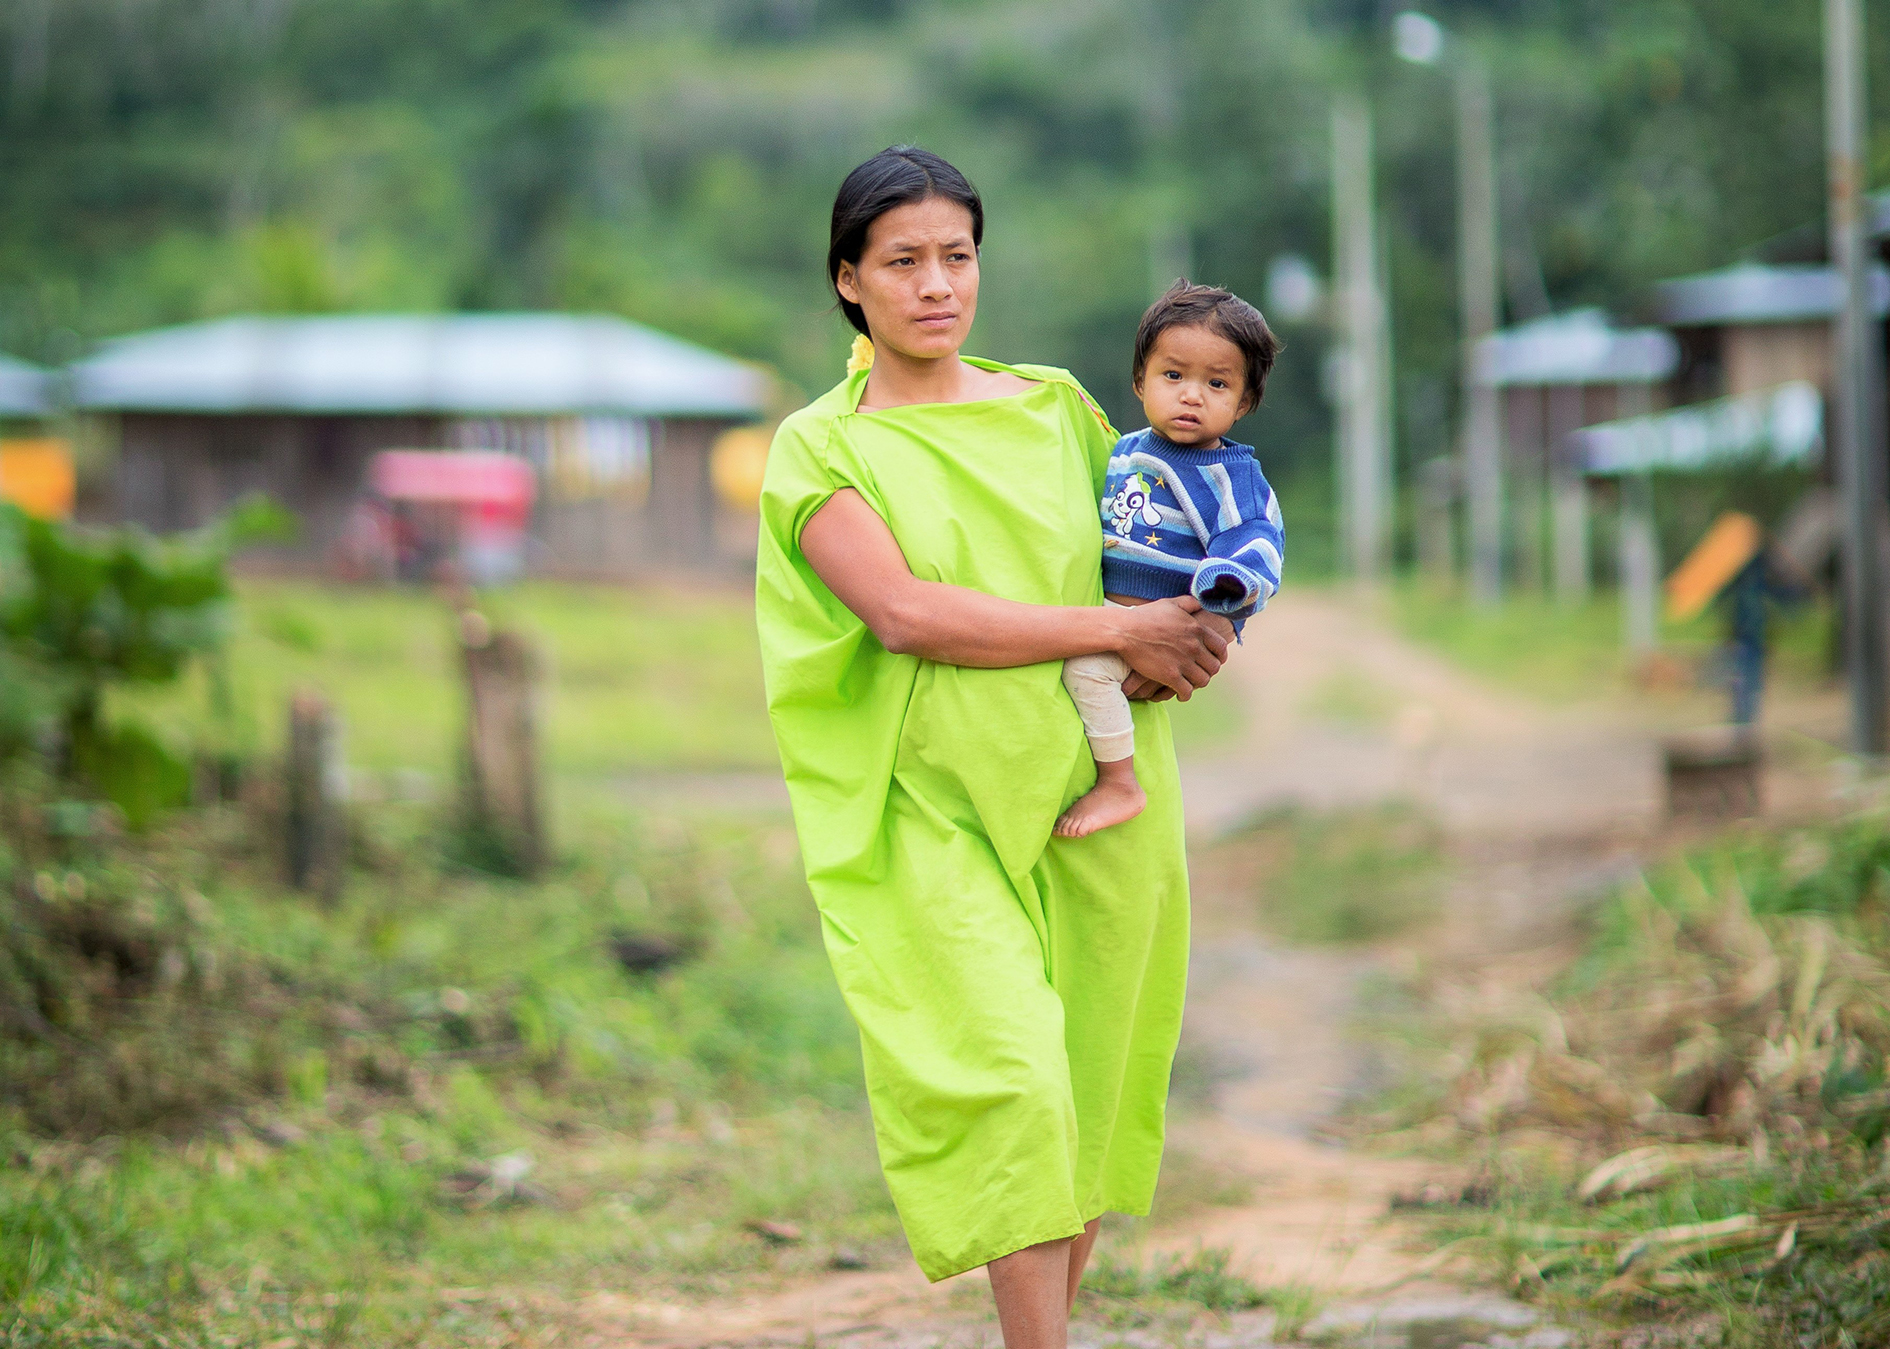 Día Internacional de la Mujer: ¿Y la igualdad en los derechos a la tierra?